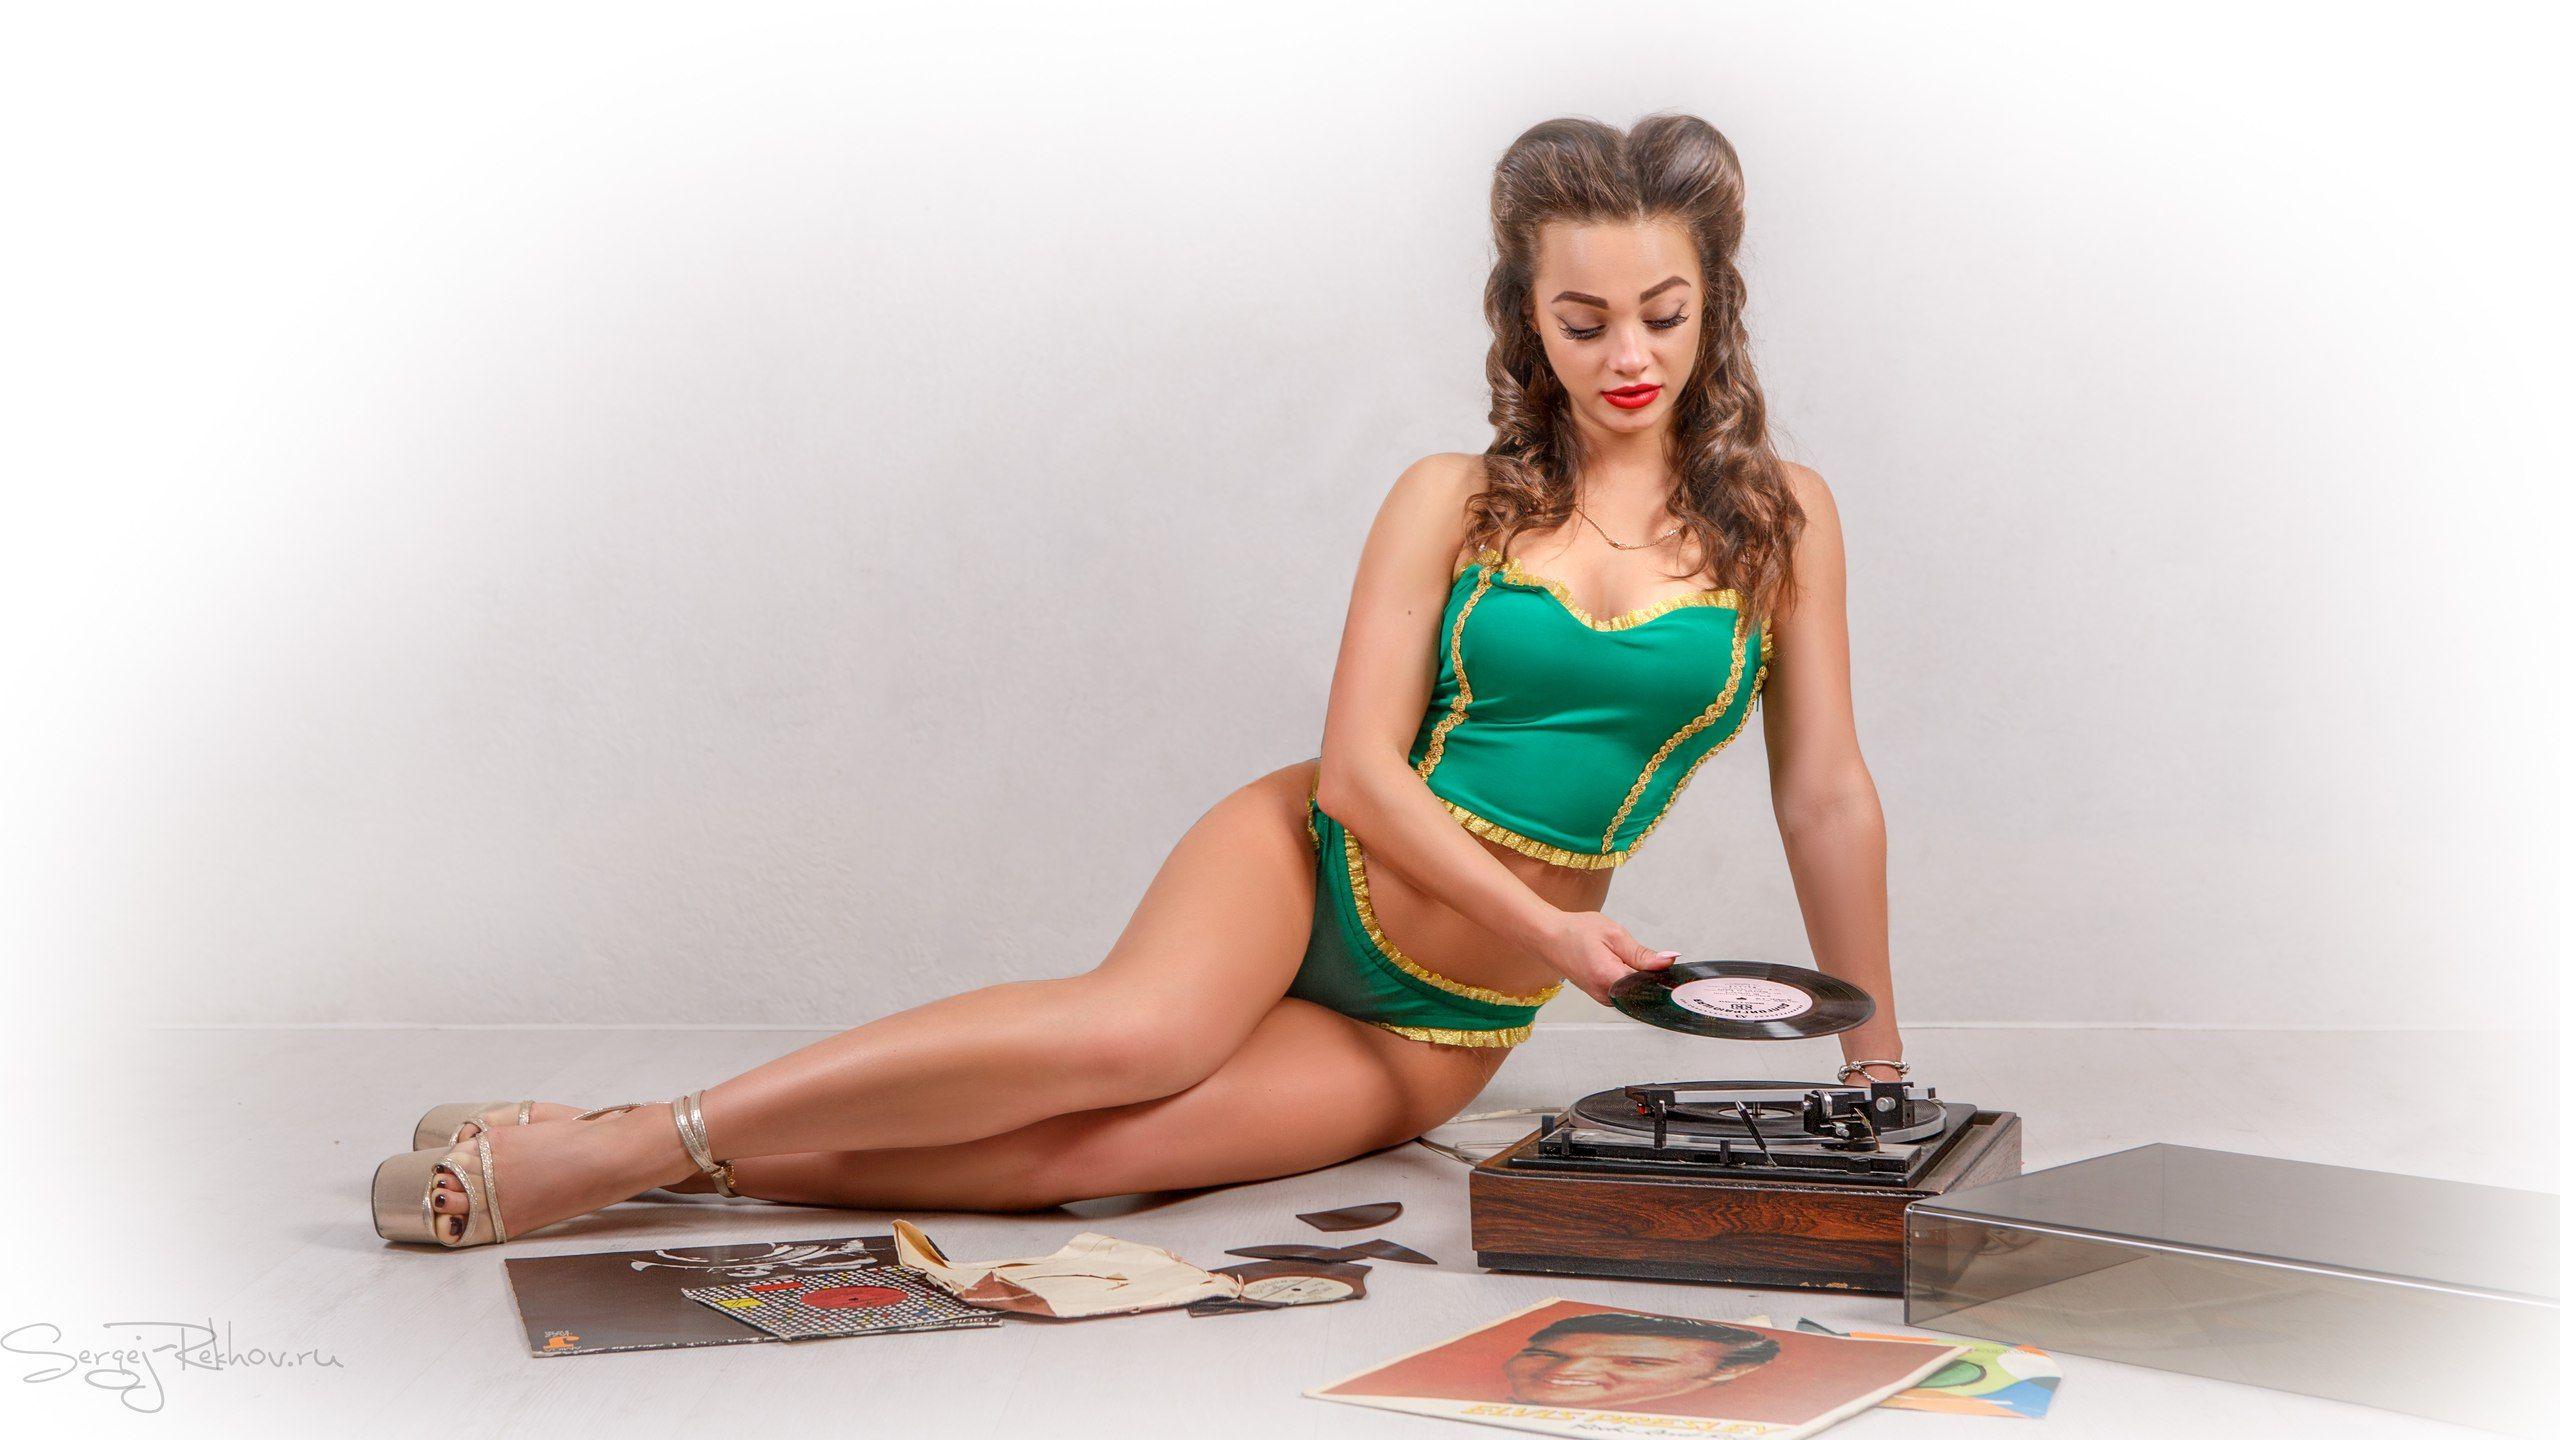 девушка, модель, Pin-up, студия, диск, винил, элвис, 50-е годы, rekhov, sergejrekhov, Сергей Рехов